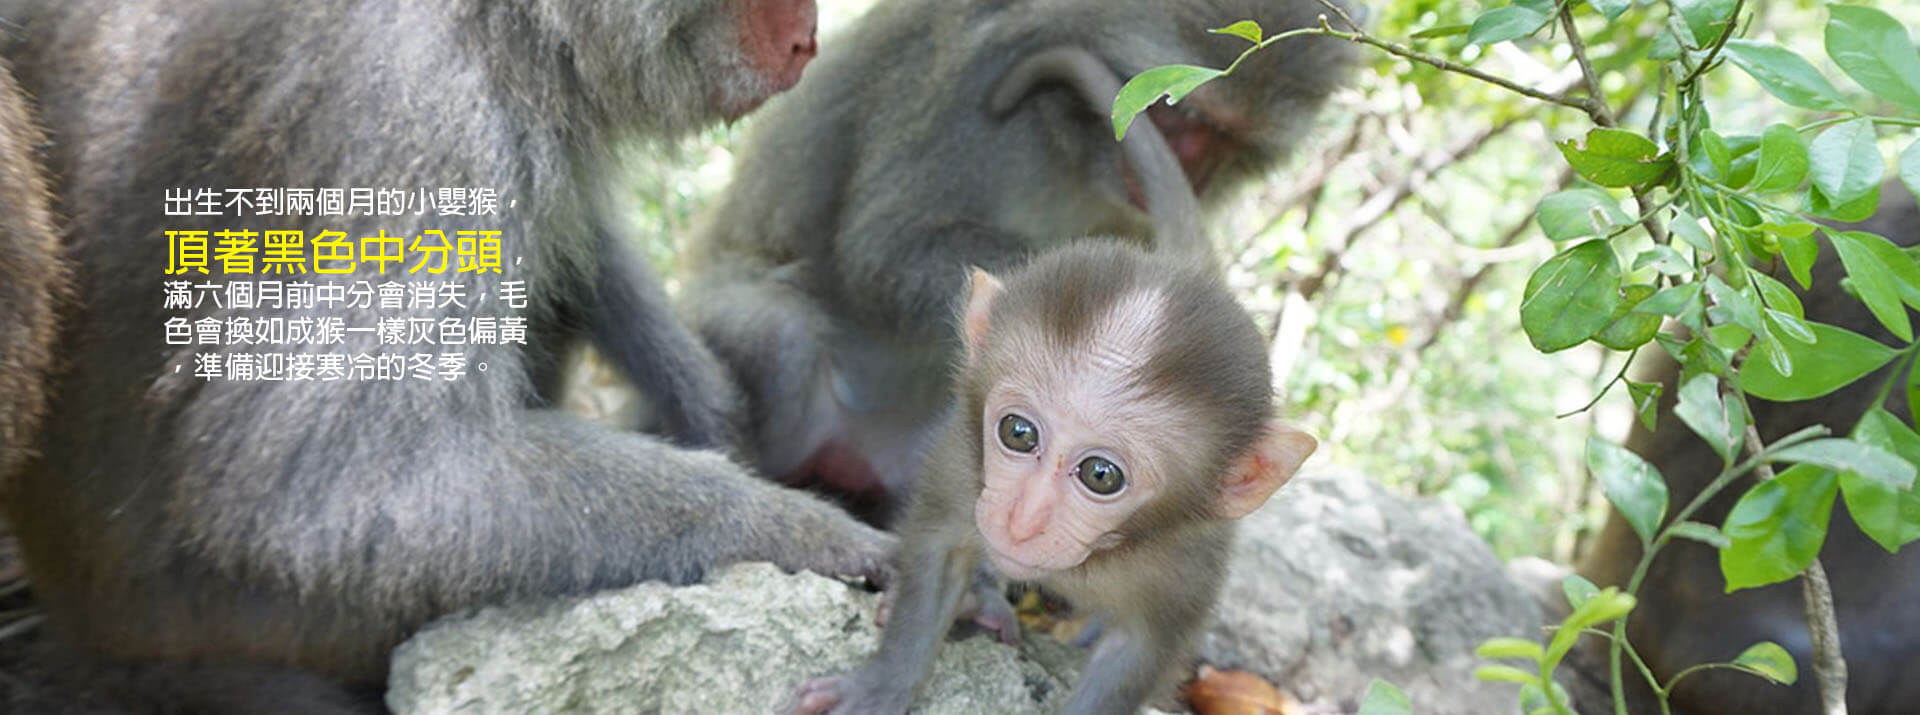 台灣獼猴, 日本獼猴與恆河猴是血緣親戚, 長的還是不一樣喔!